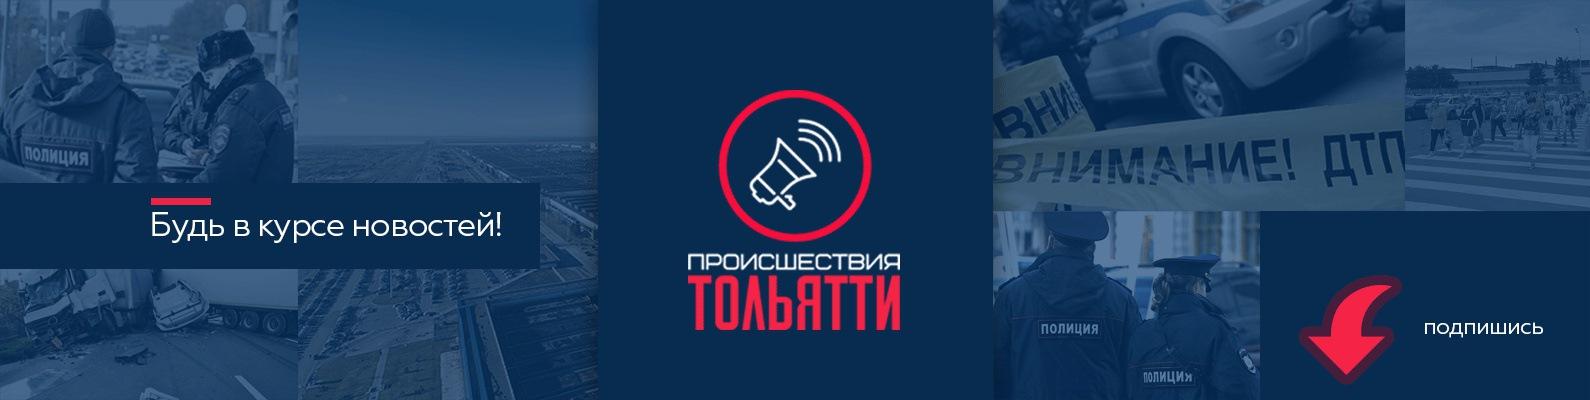 devushki-tolyatti-seychas-na-sayte